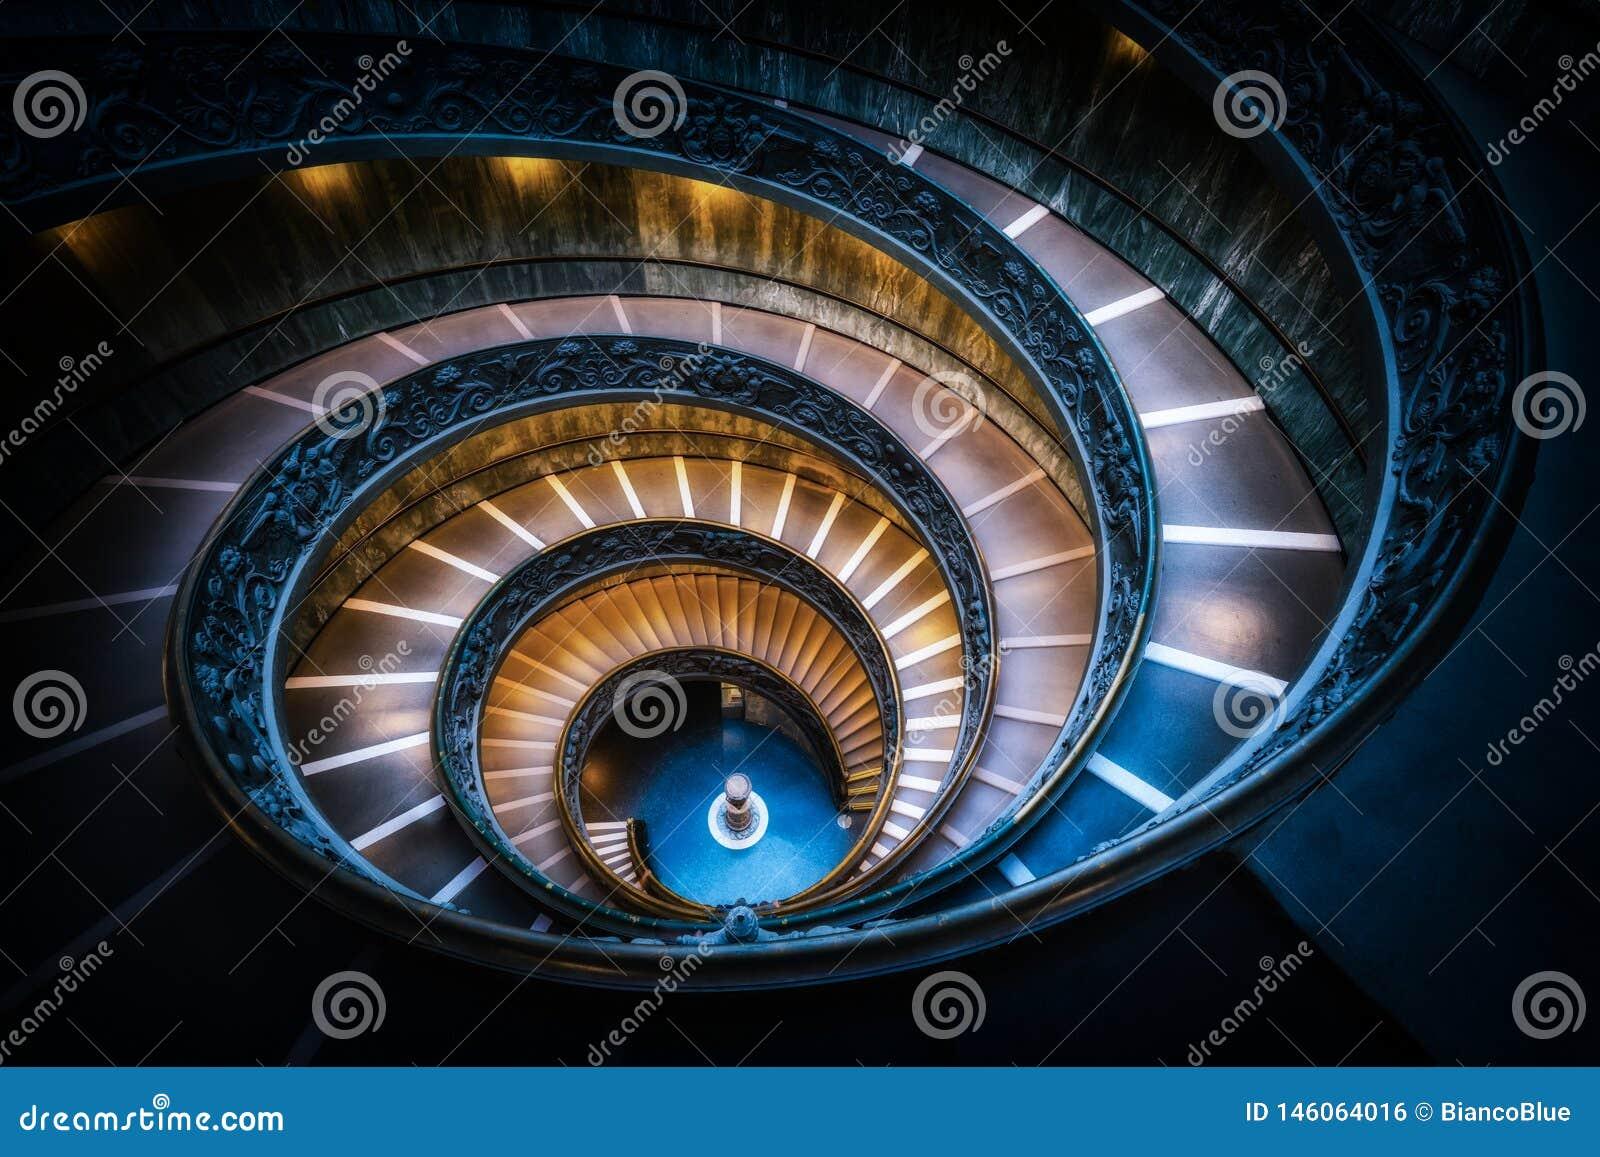 楼梯在梵蒂冈博物馆,梵蒂冈,罗马,意大利